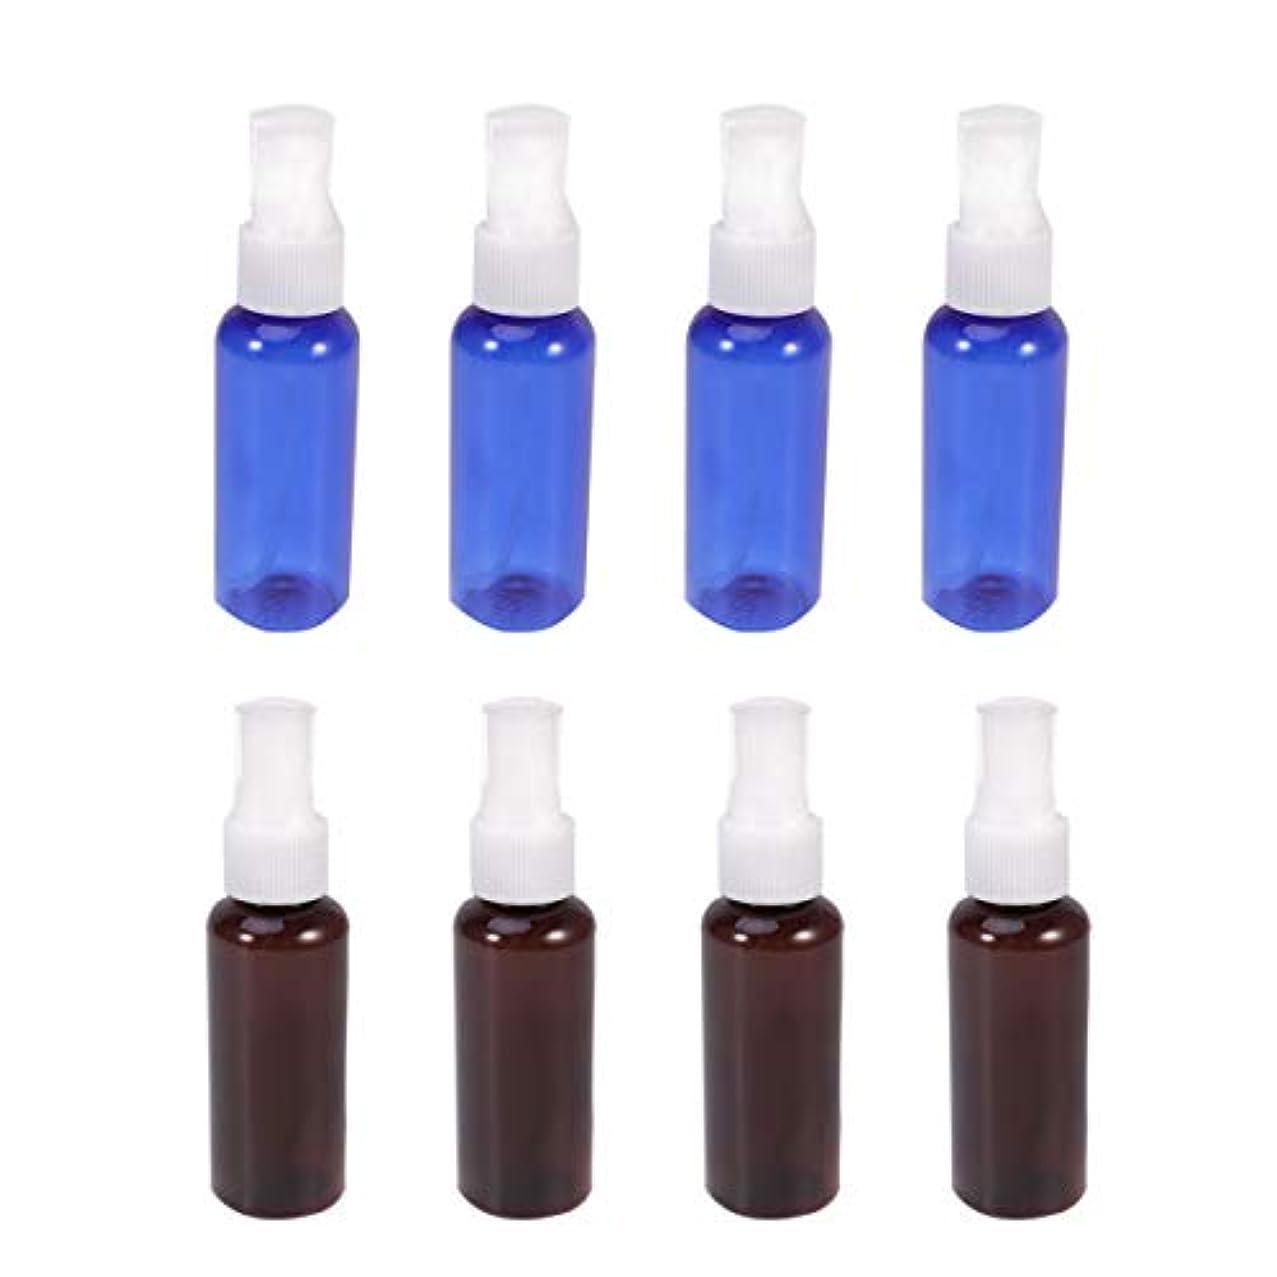 ミントベリー札入れLurrose 8個50 mlプラスチックスプレーボトルミニ空の香水瓶空の香水ポンプボトル(青と茶色)